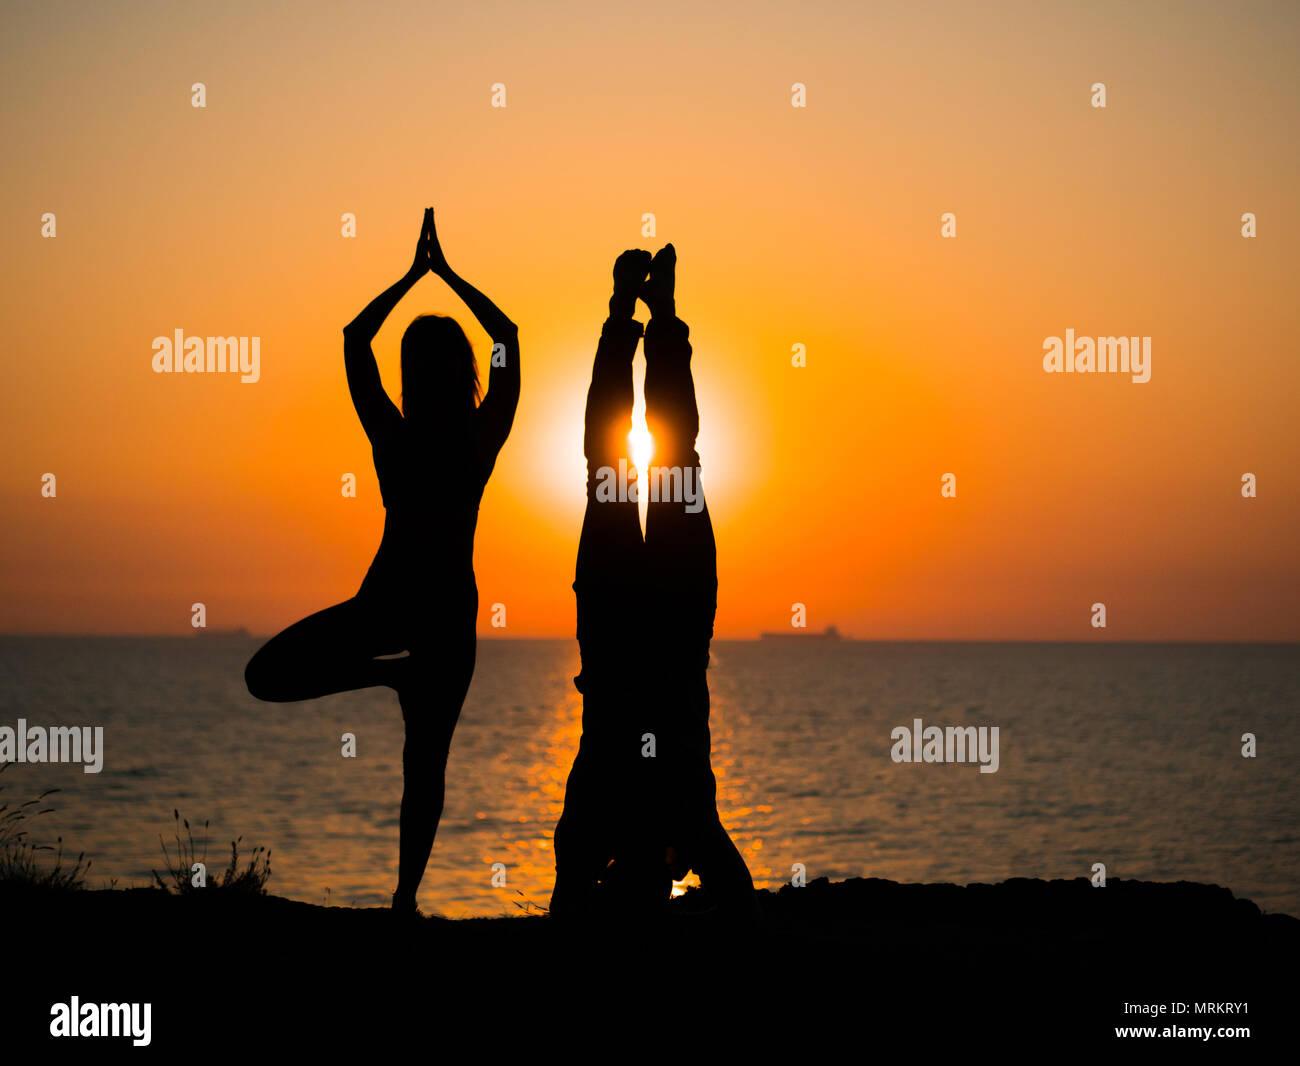 Silueta Hombre Y Mujer: Silueta De La Mujer Y El Hombre Joven Pareja Haciendo Yoga